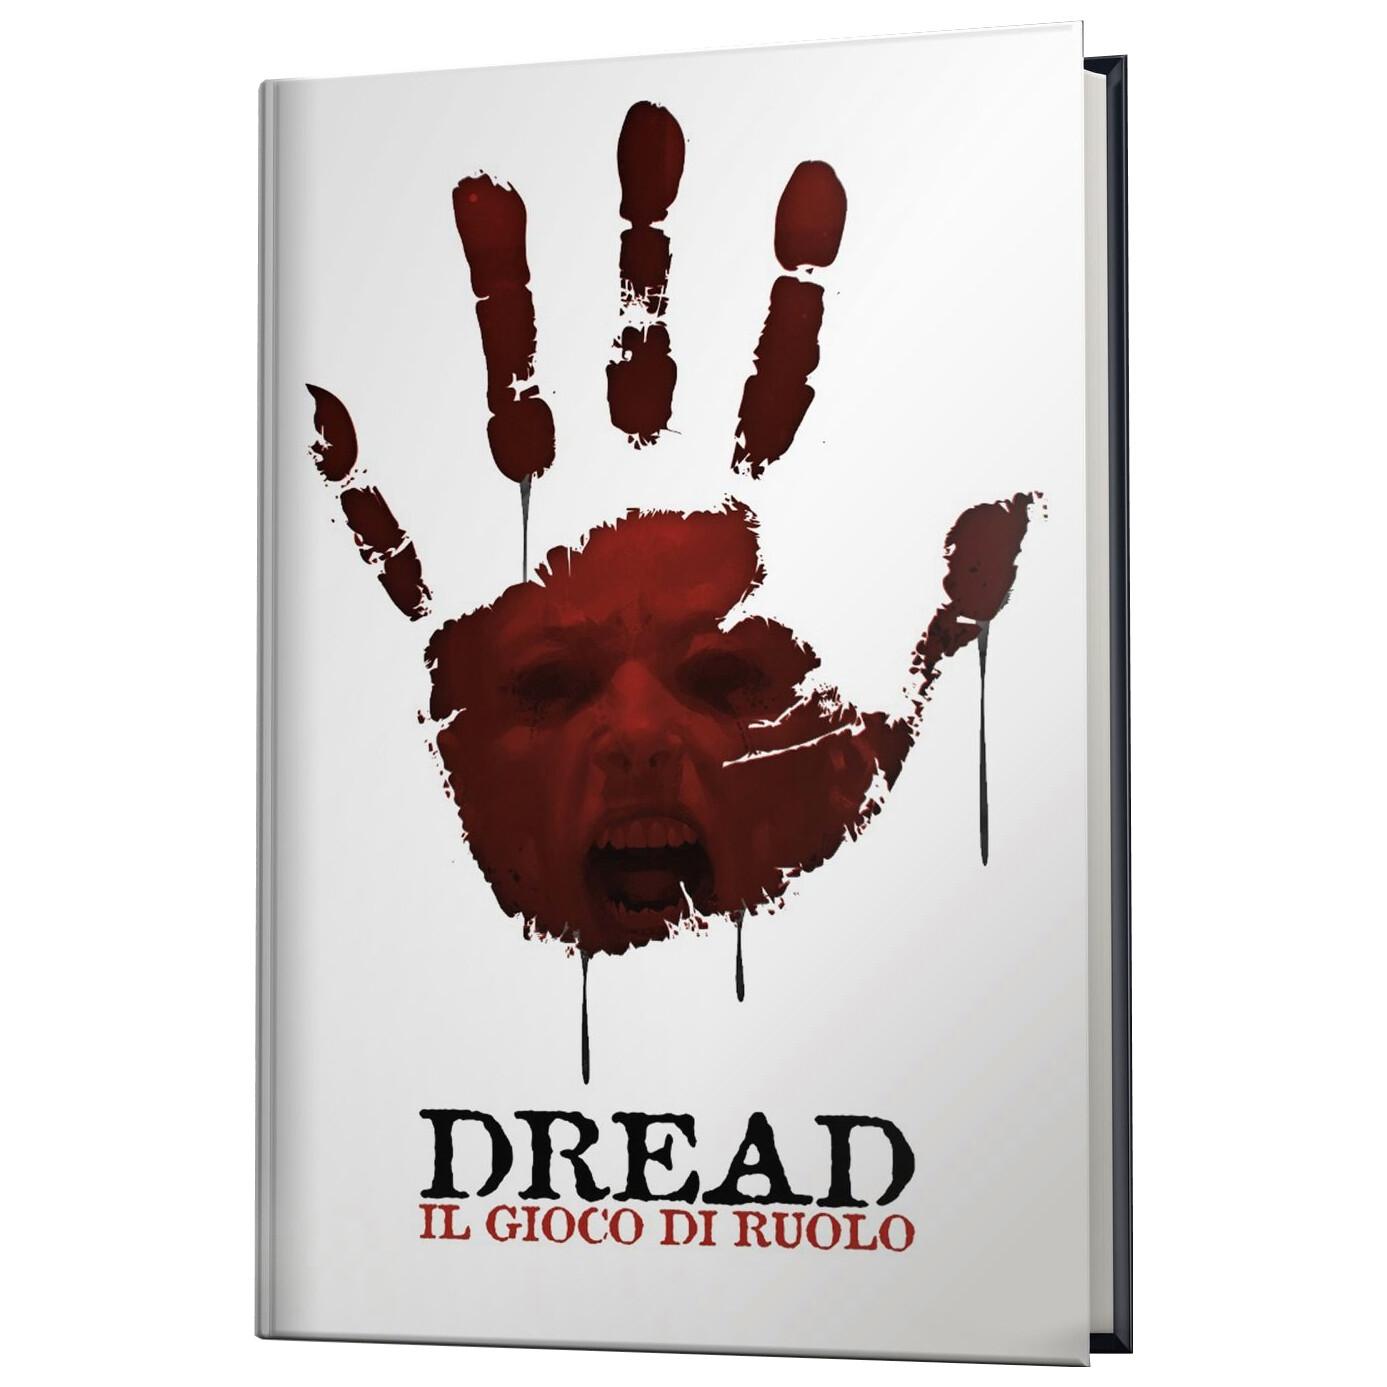 Dread: Il Gioco di Ruolo